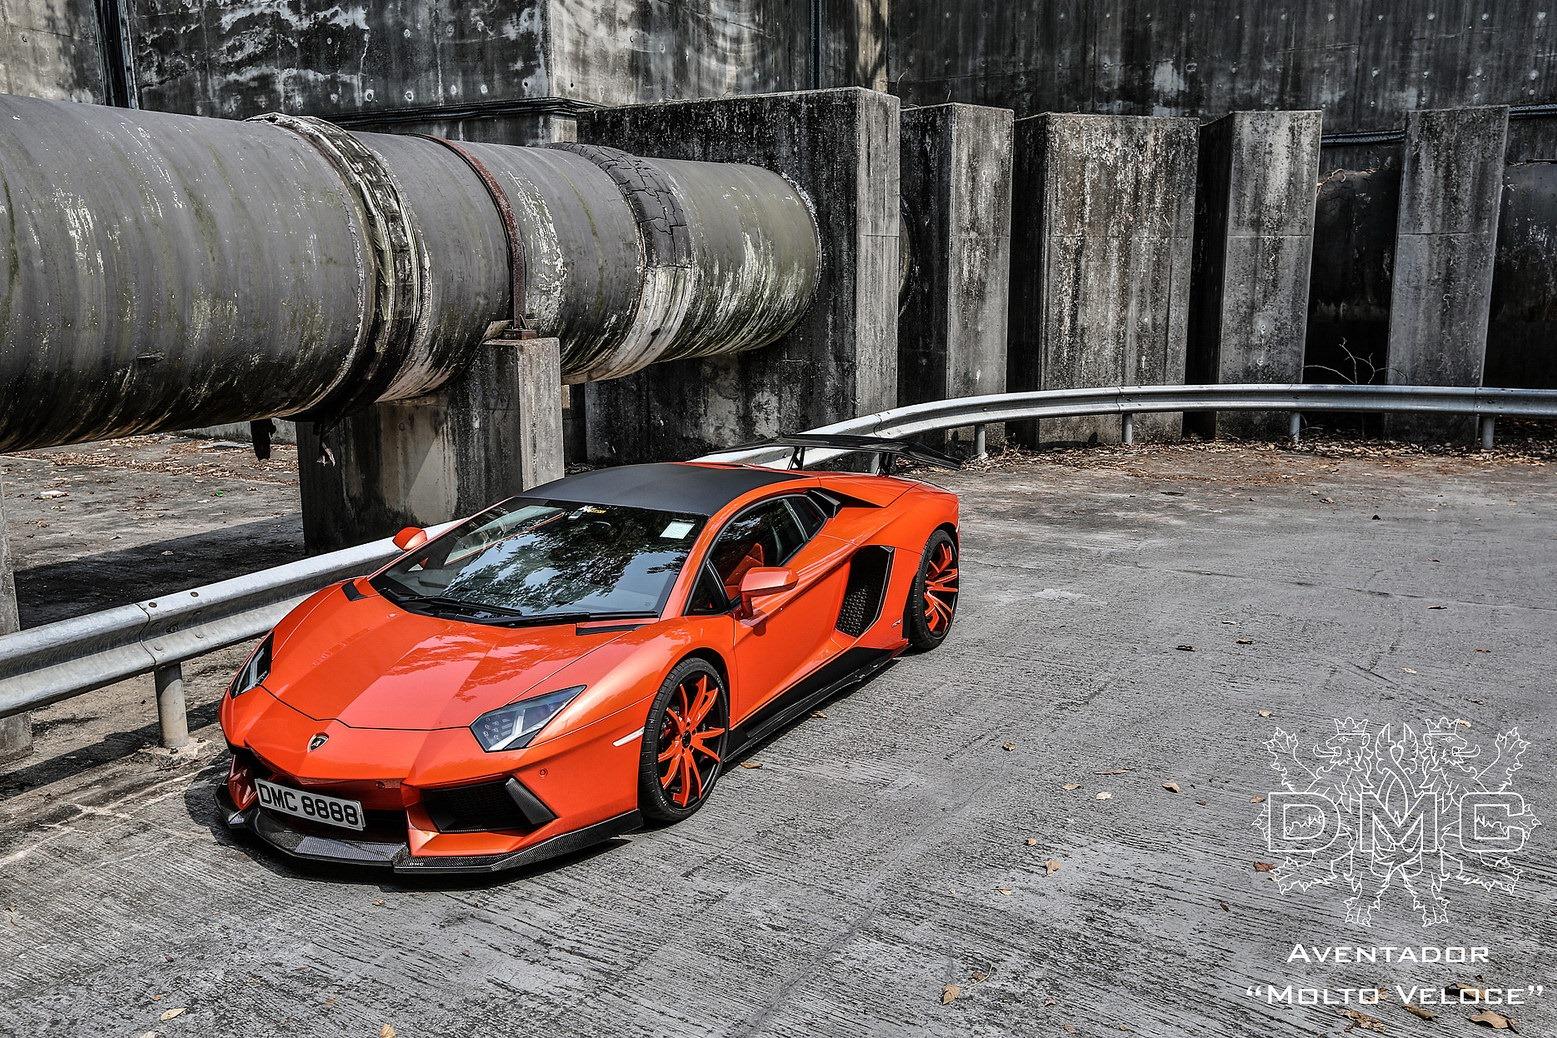 DMC unveils the Lamborghini Aventador LP900-4 Molto Veloce